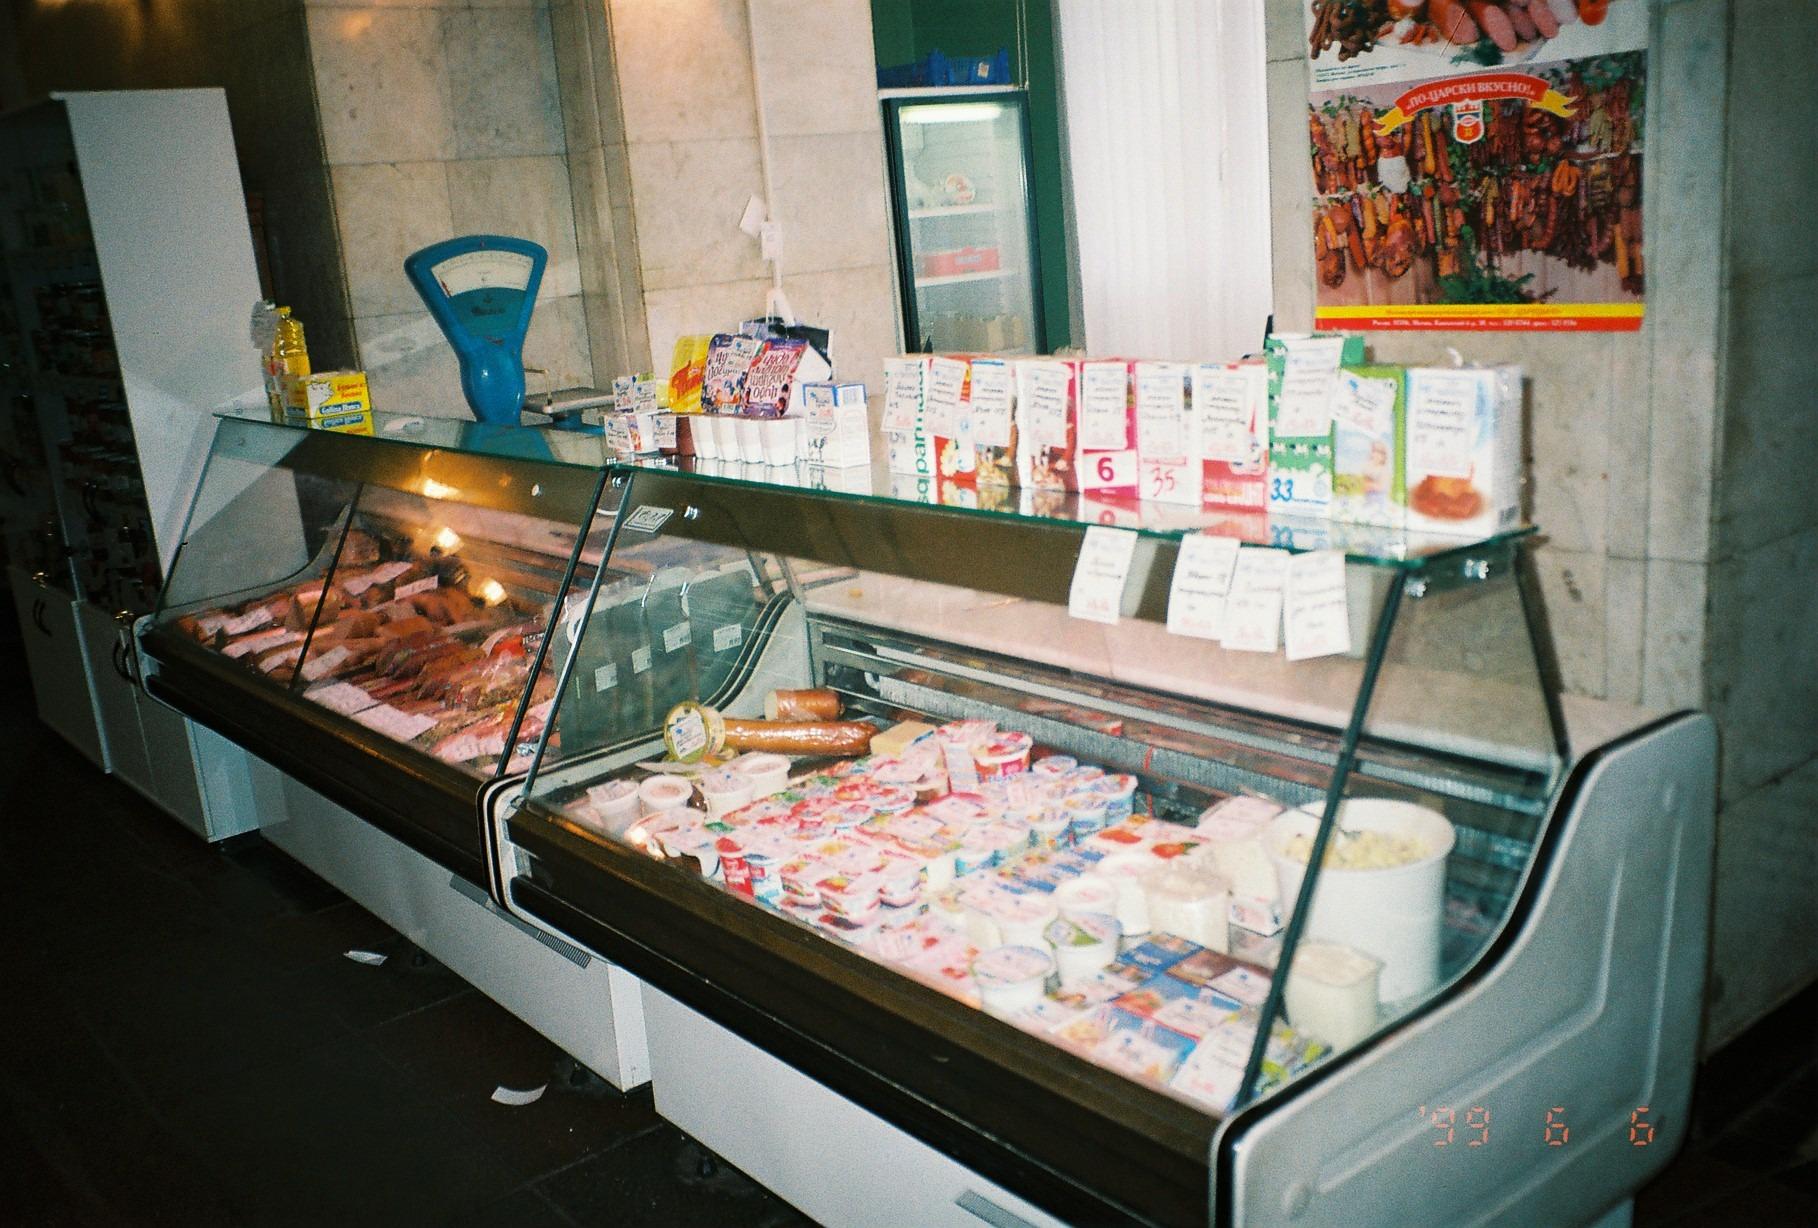 1999 фото магазина в Очакове (предположительно, Б.Очаковская, 29)